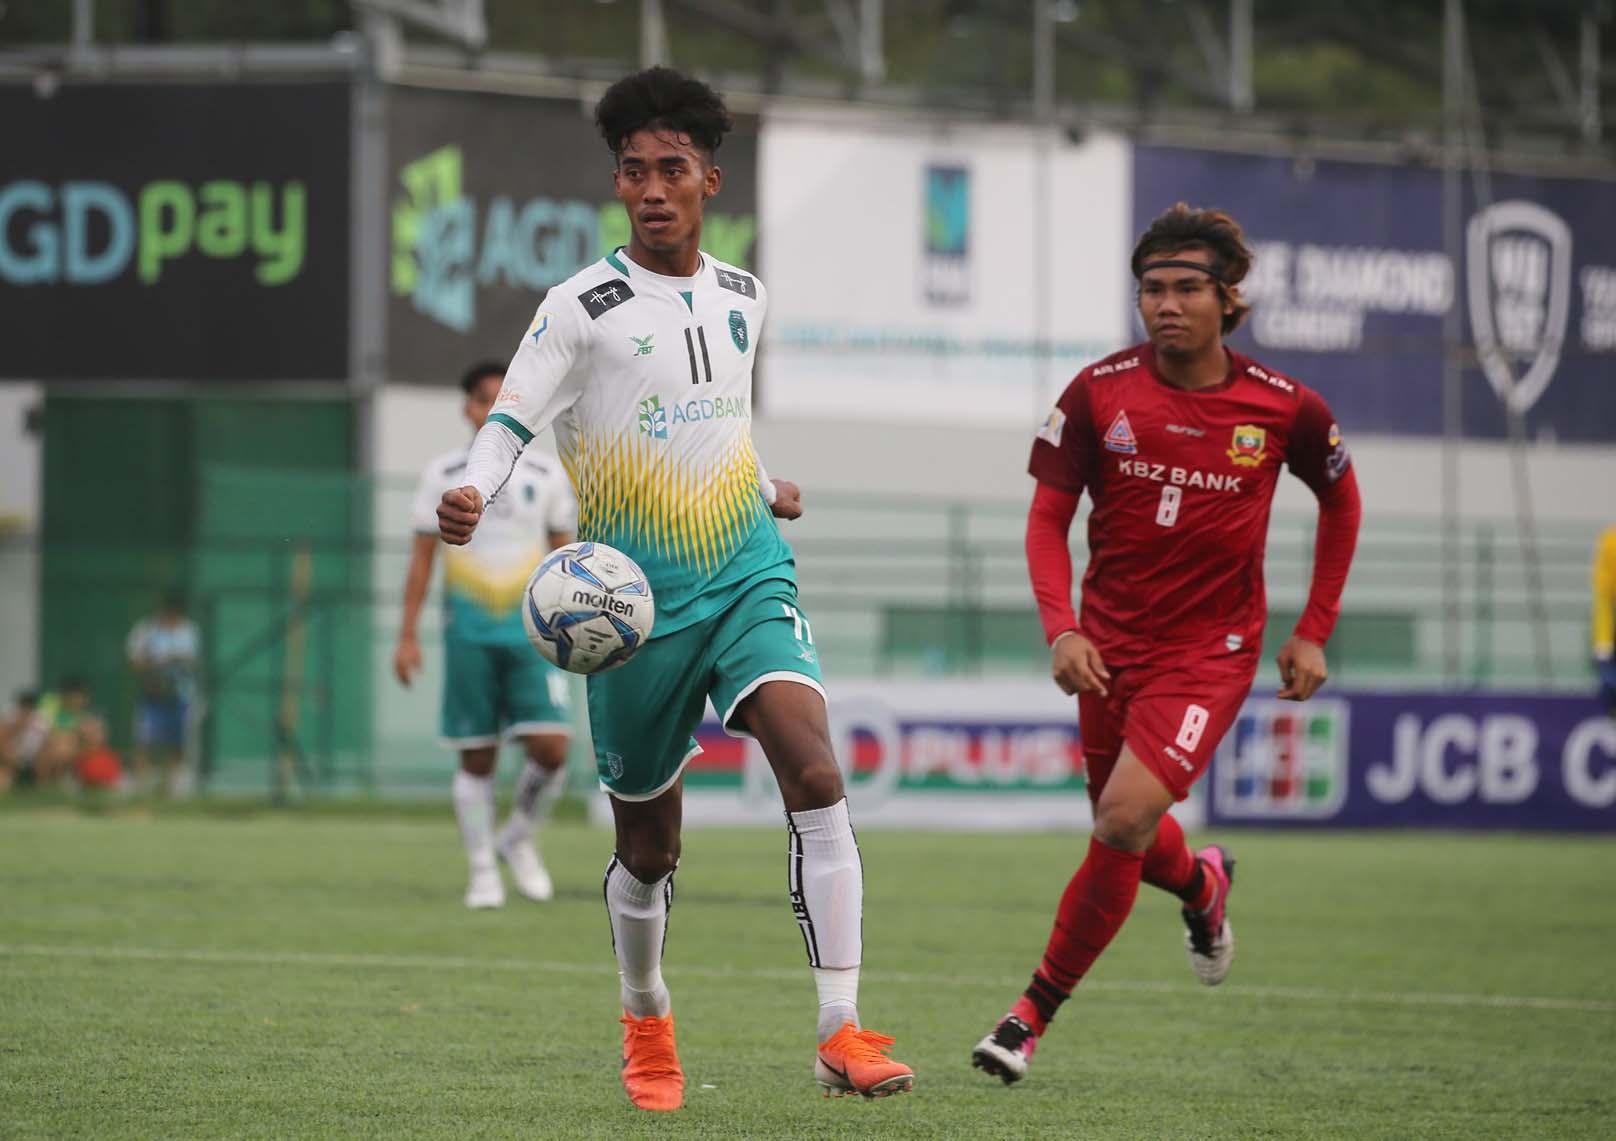 Sao Yangon United: CLB TP.HCM là đội bóng mạnh nhất bảng - Bóng Đá